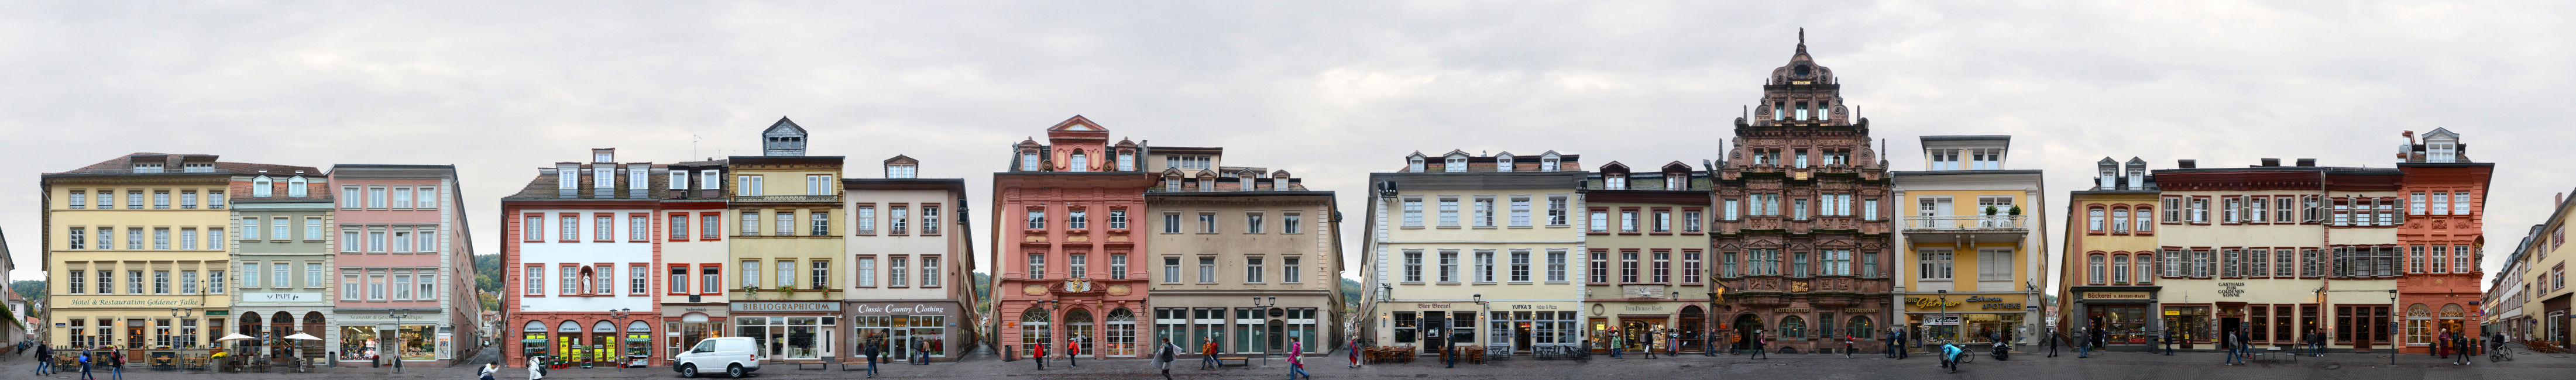 Heidelberg Hauptstrasse Fassaden